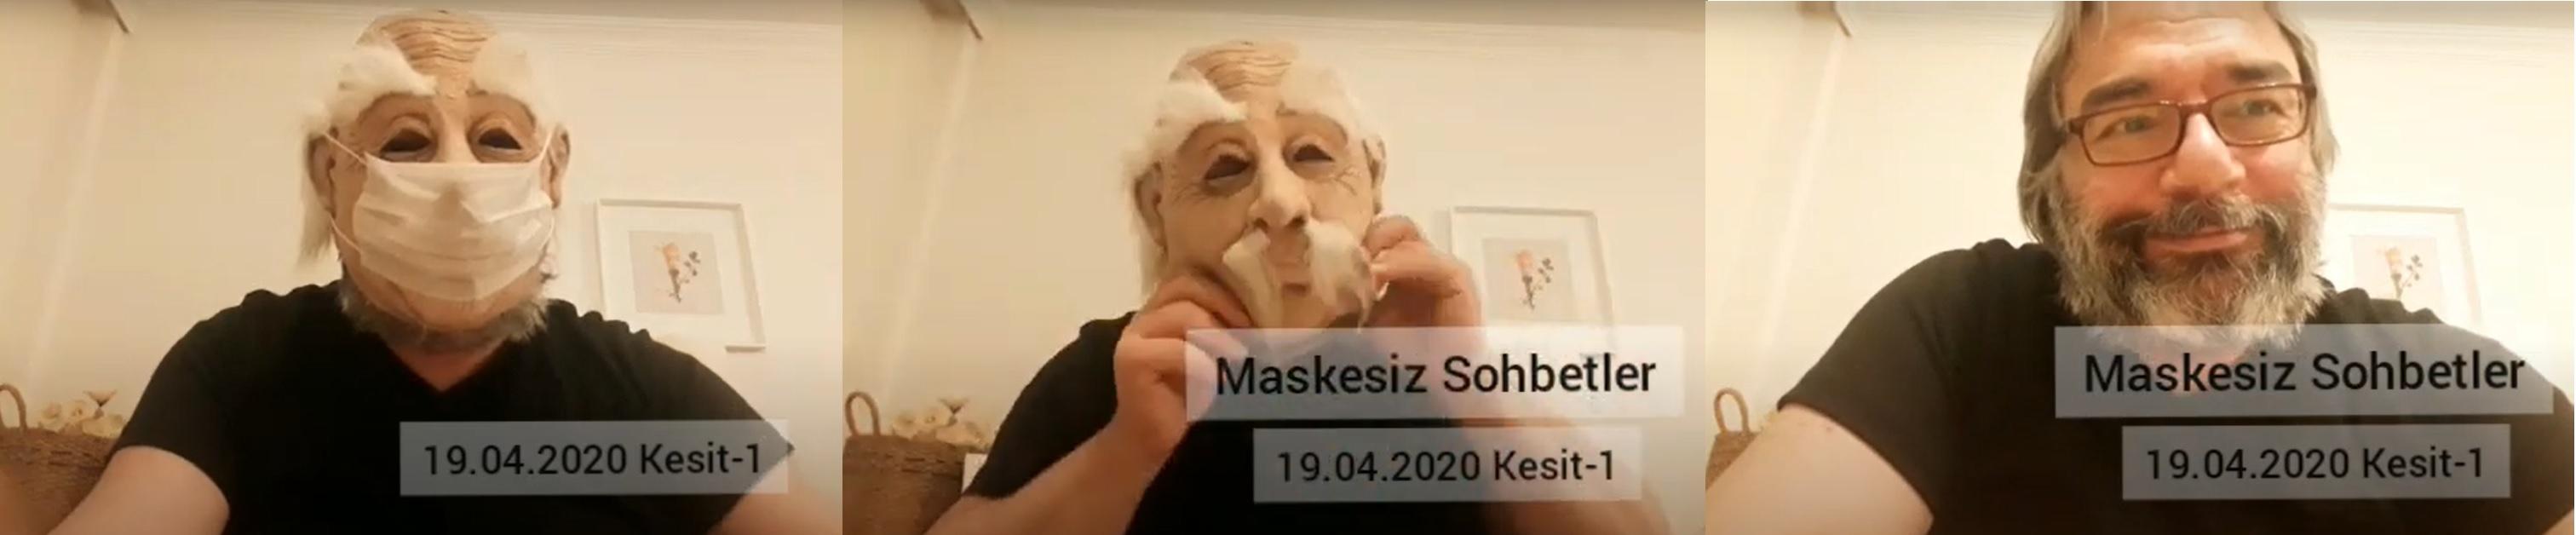 Maskesiz Sohbetler